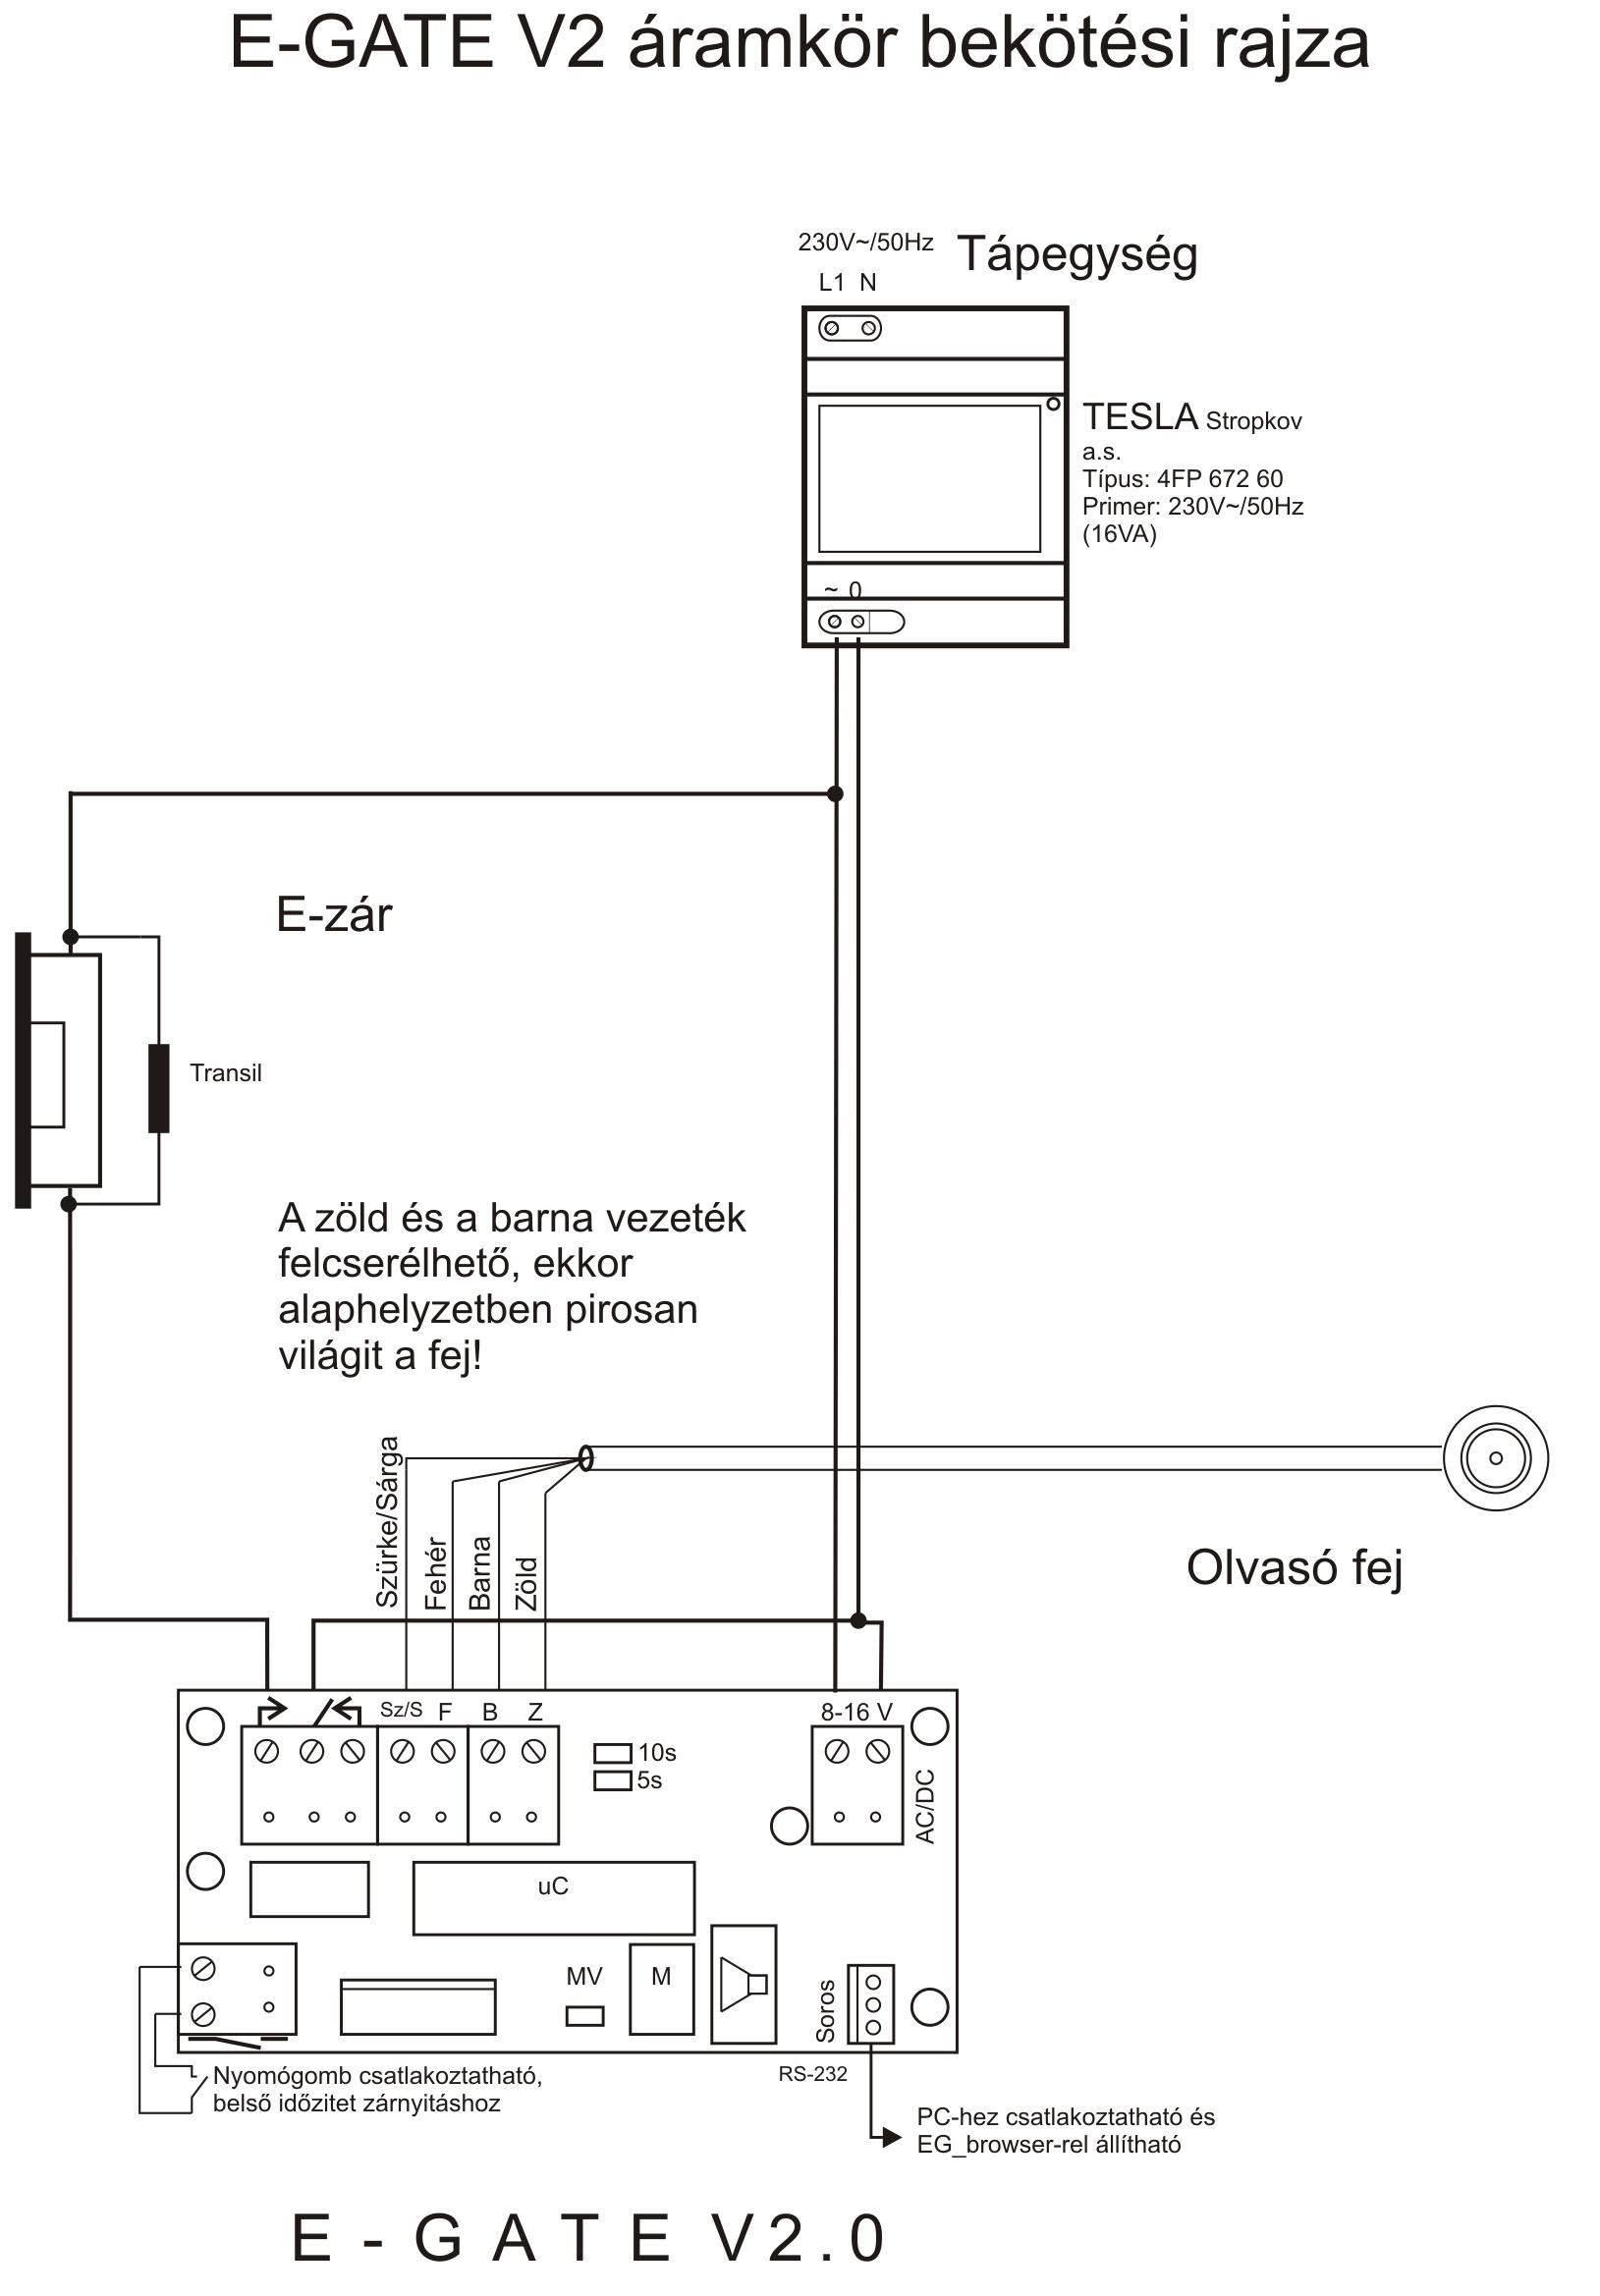 E-gate V2.0-12 bekötése